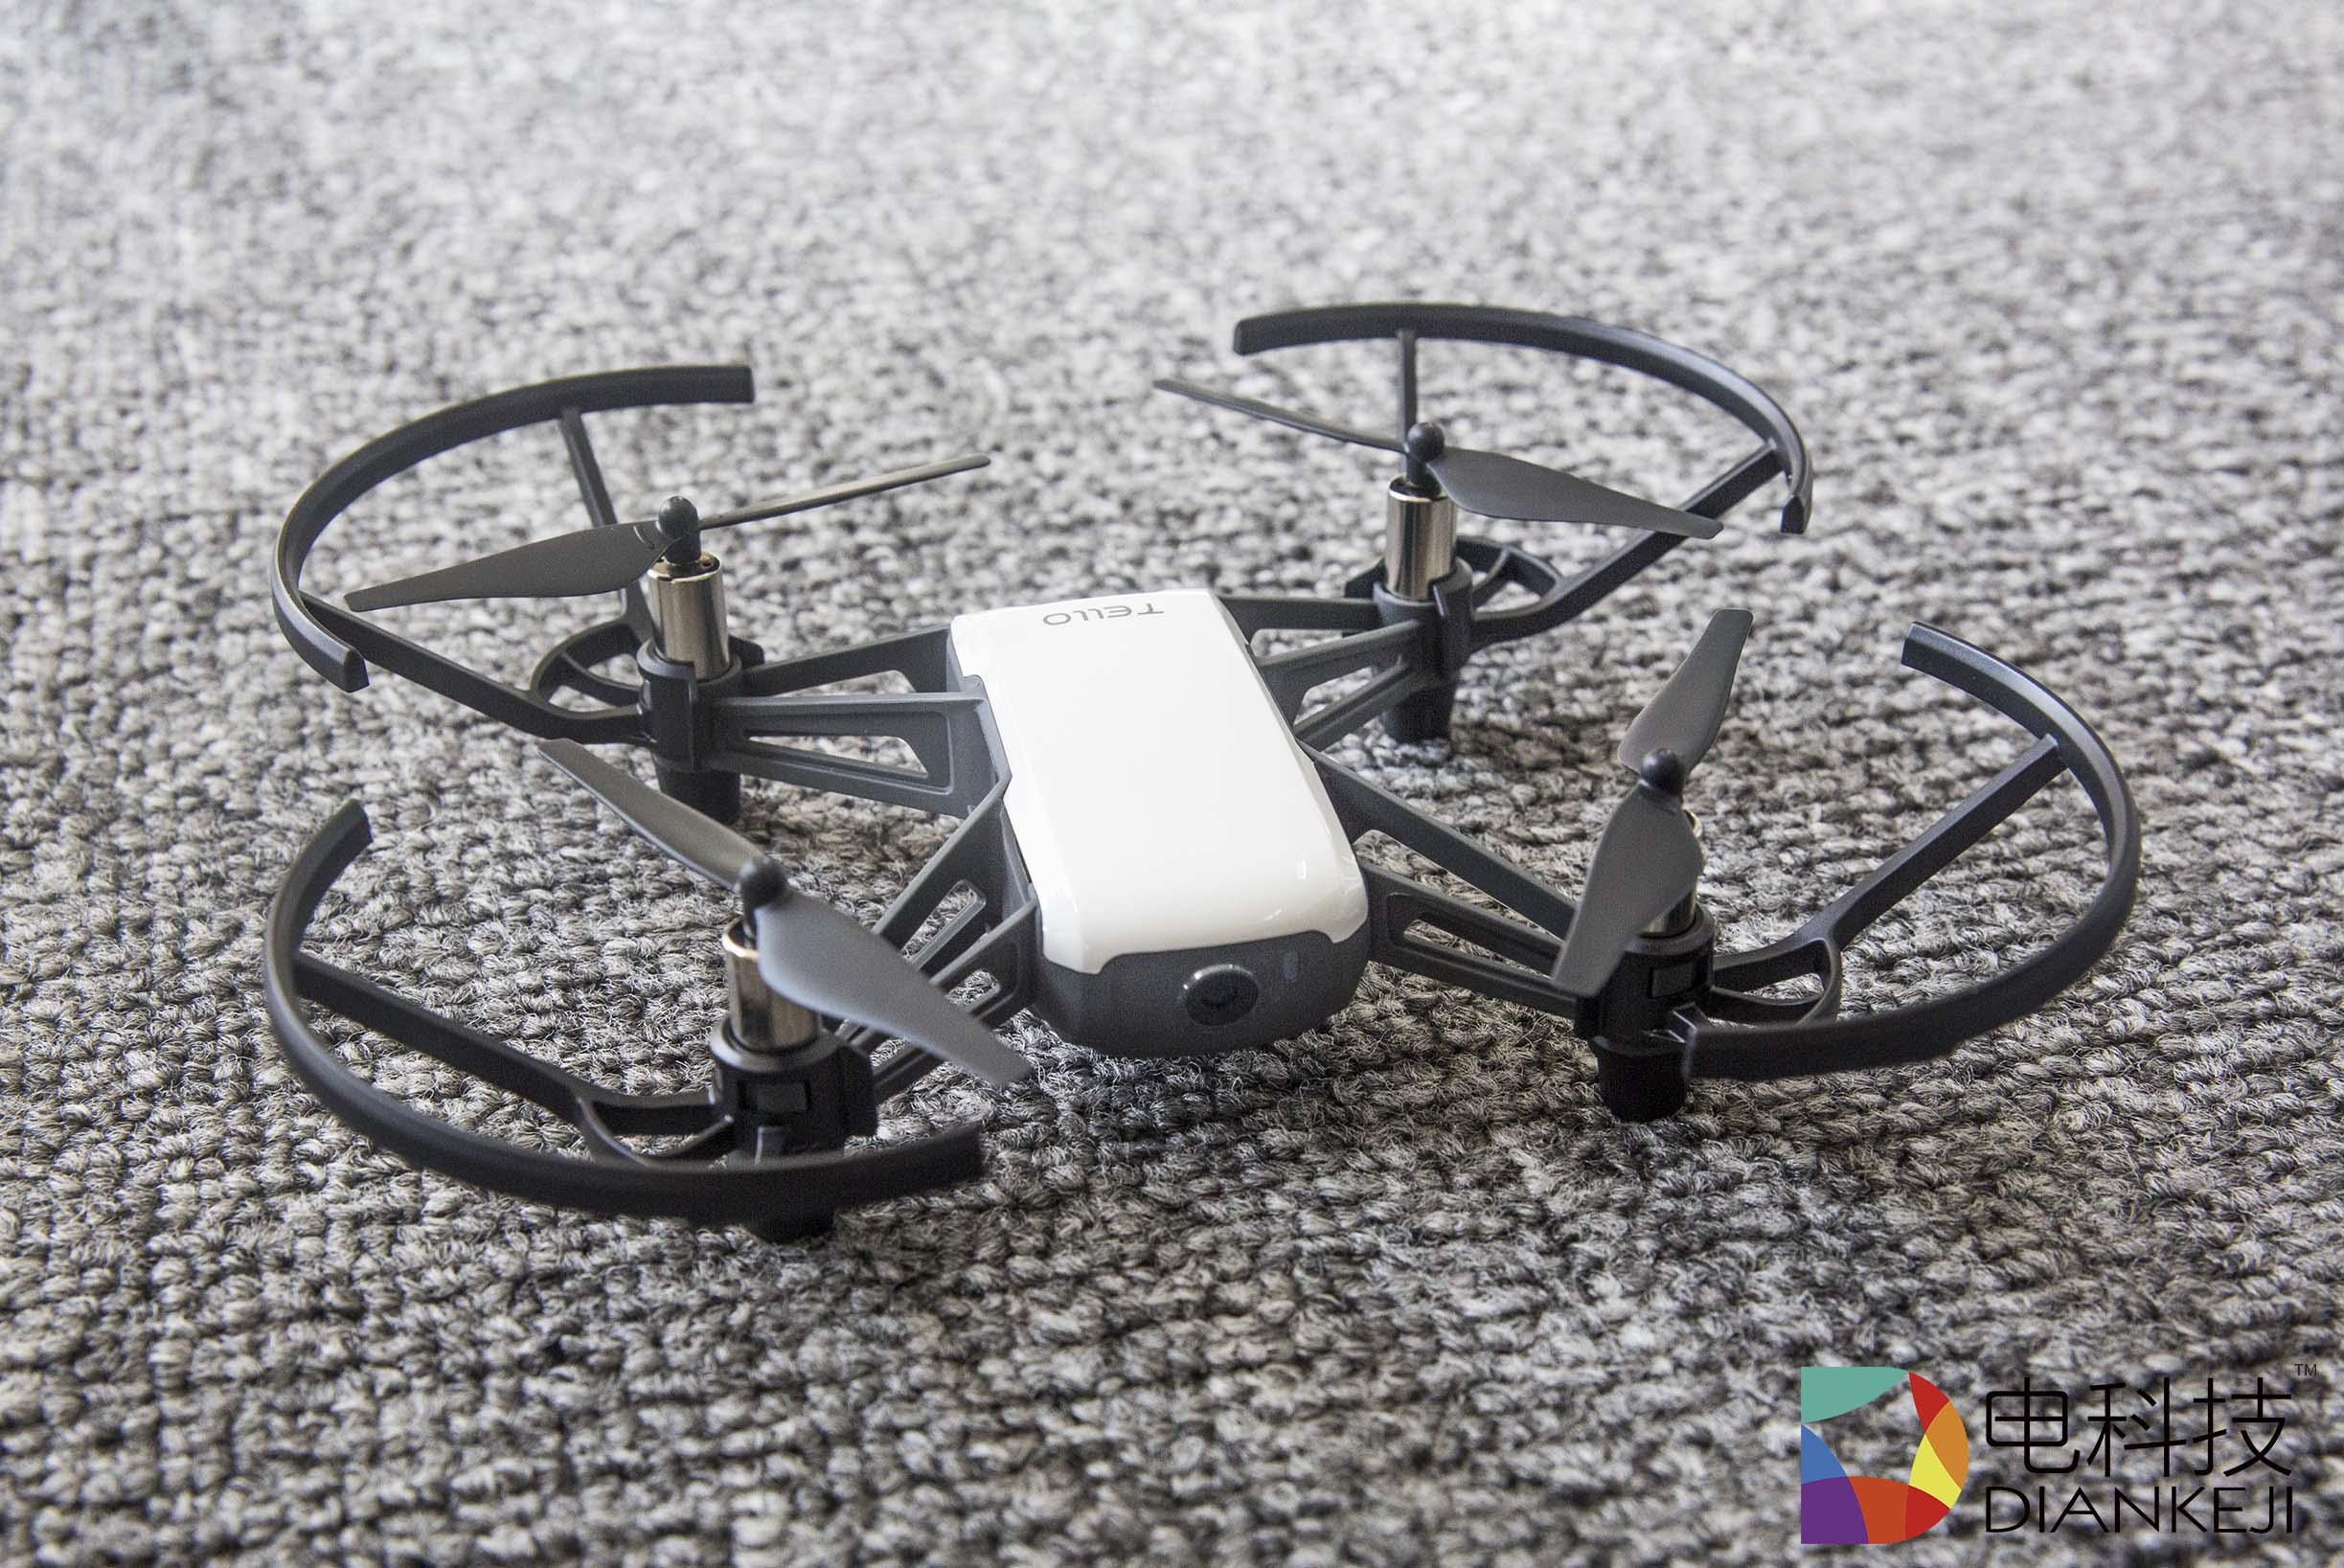 特洛Tello:目前你能买到的最便宜的真正无人机